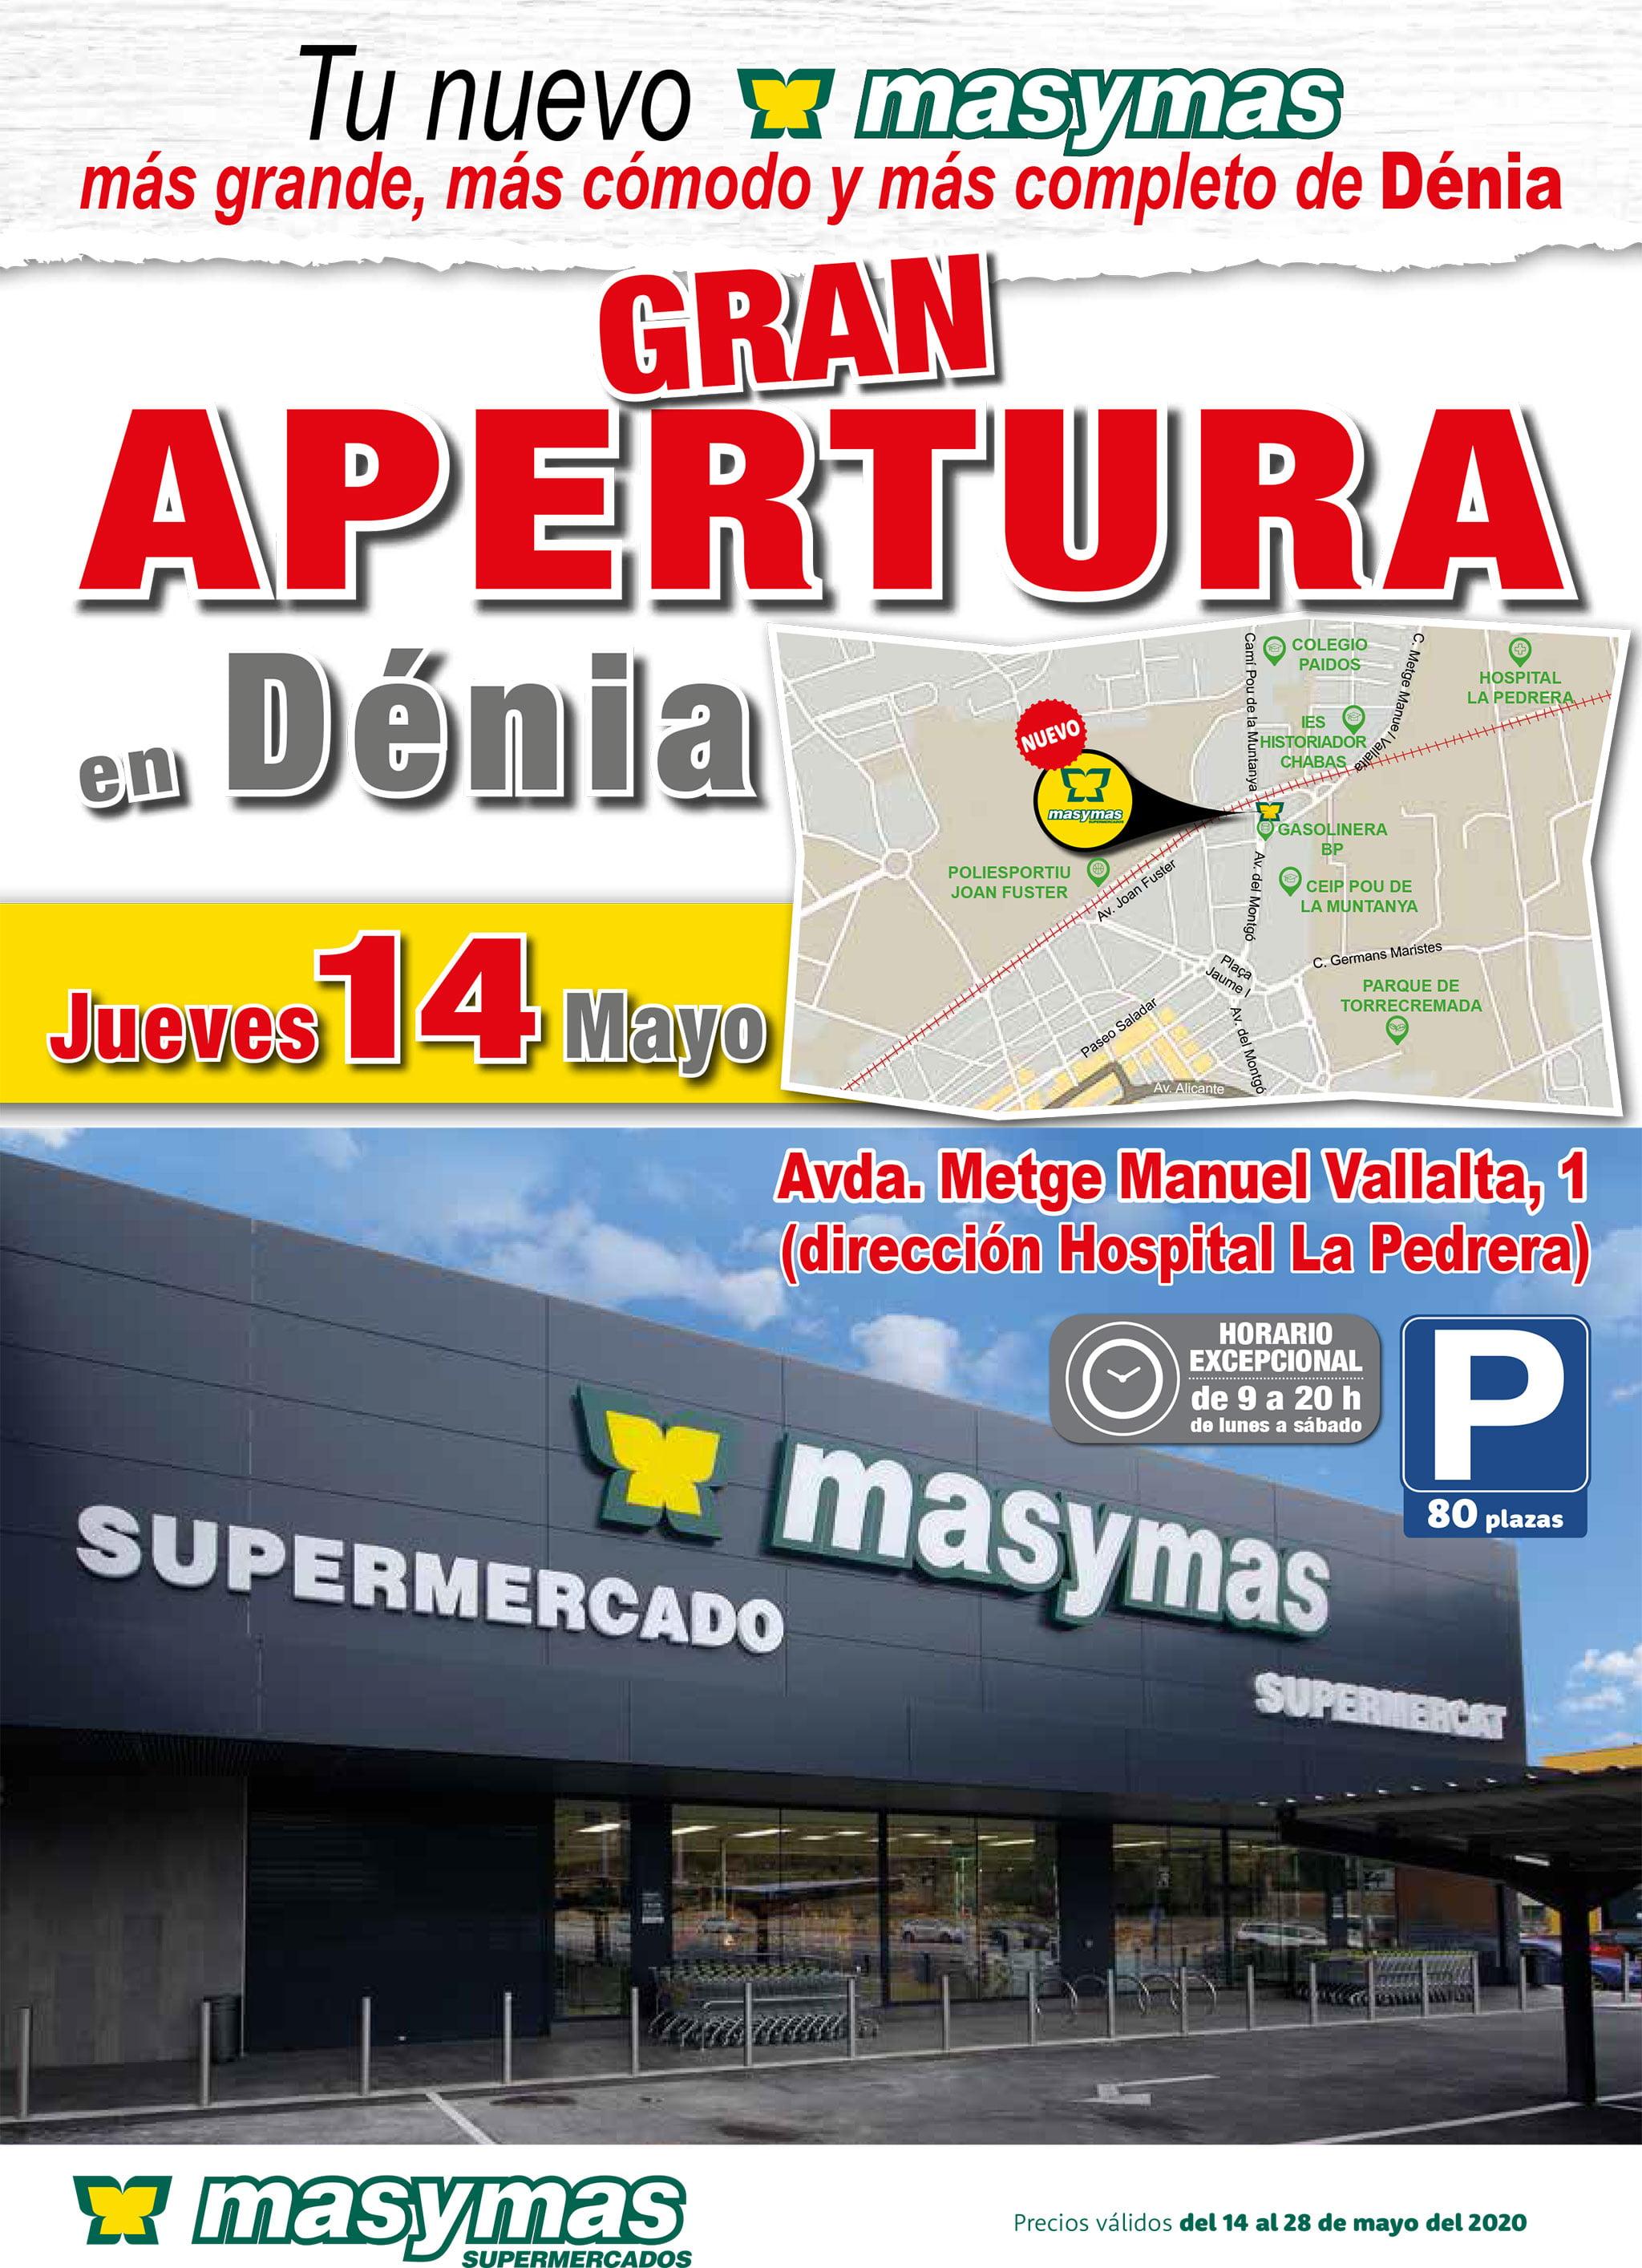 Folleto de apertura del nuevo supermercado Mas y Mas en Dénia